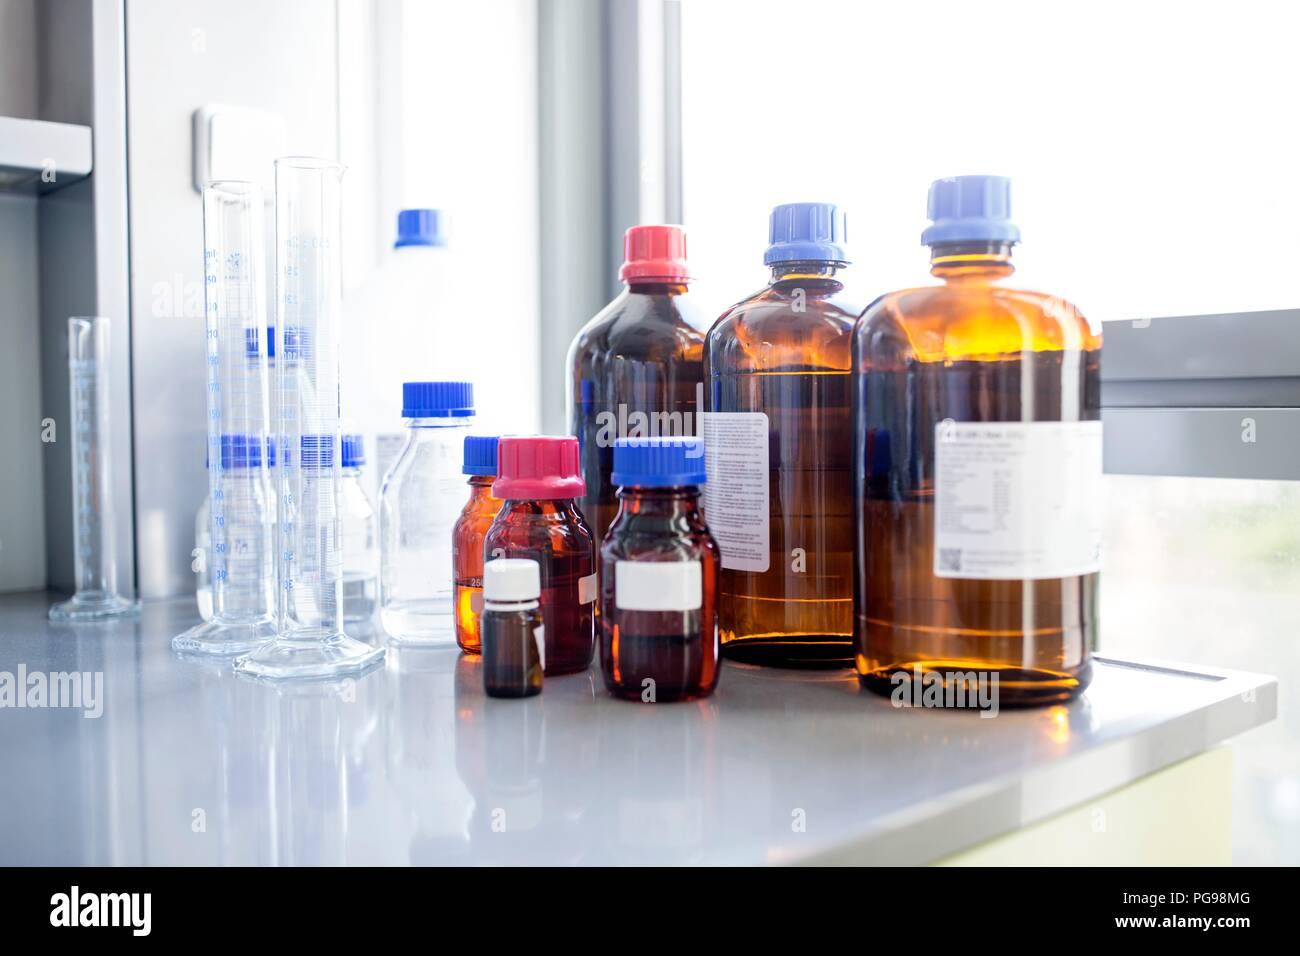 Soluciones de laboratorio y cristalería. Imagen De Stock